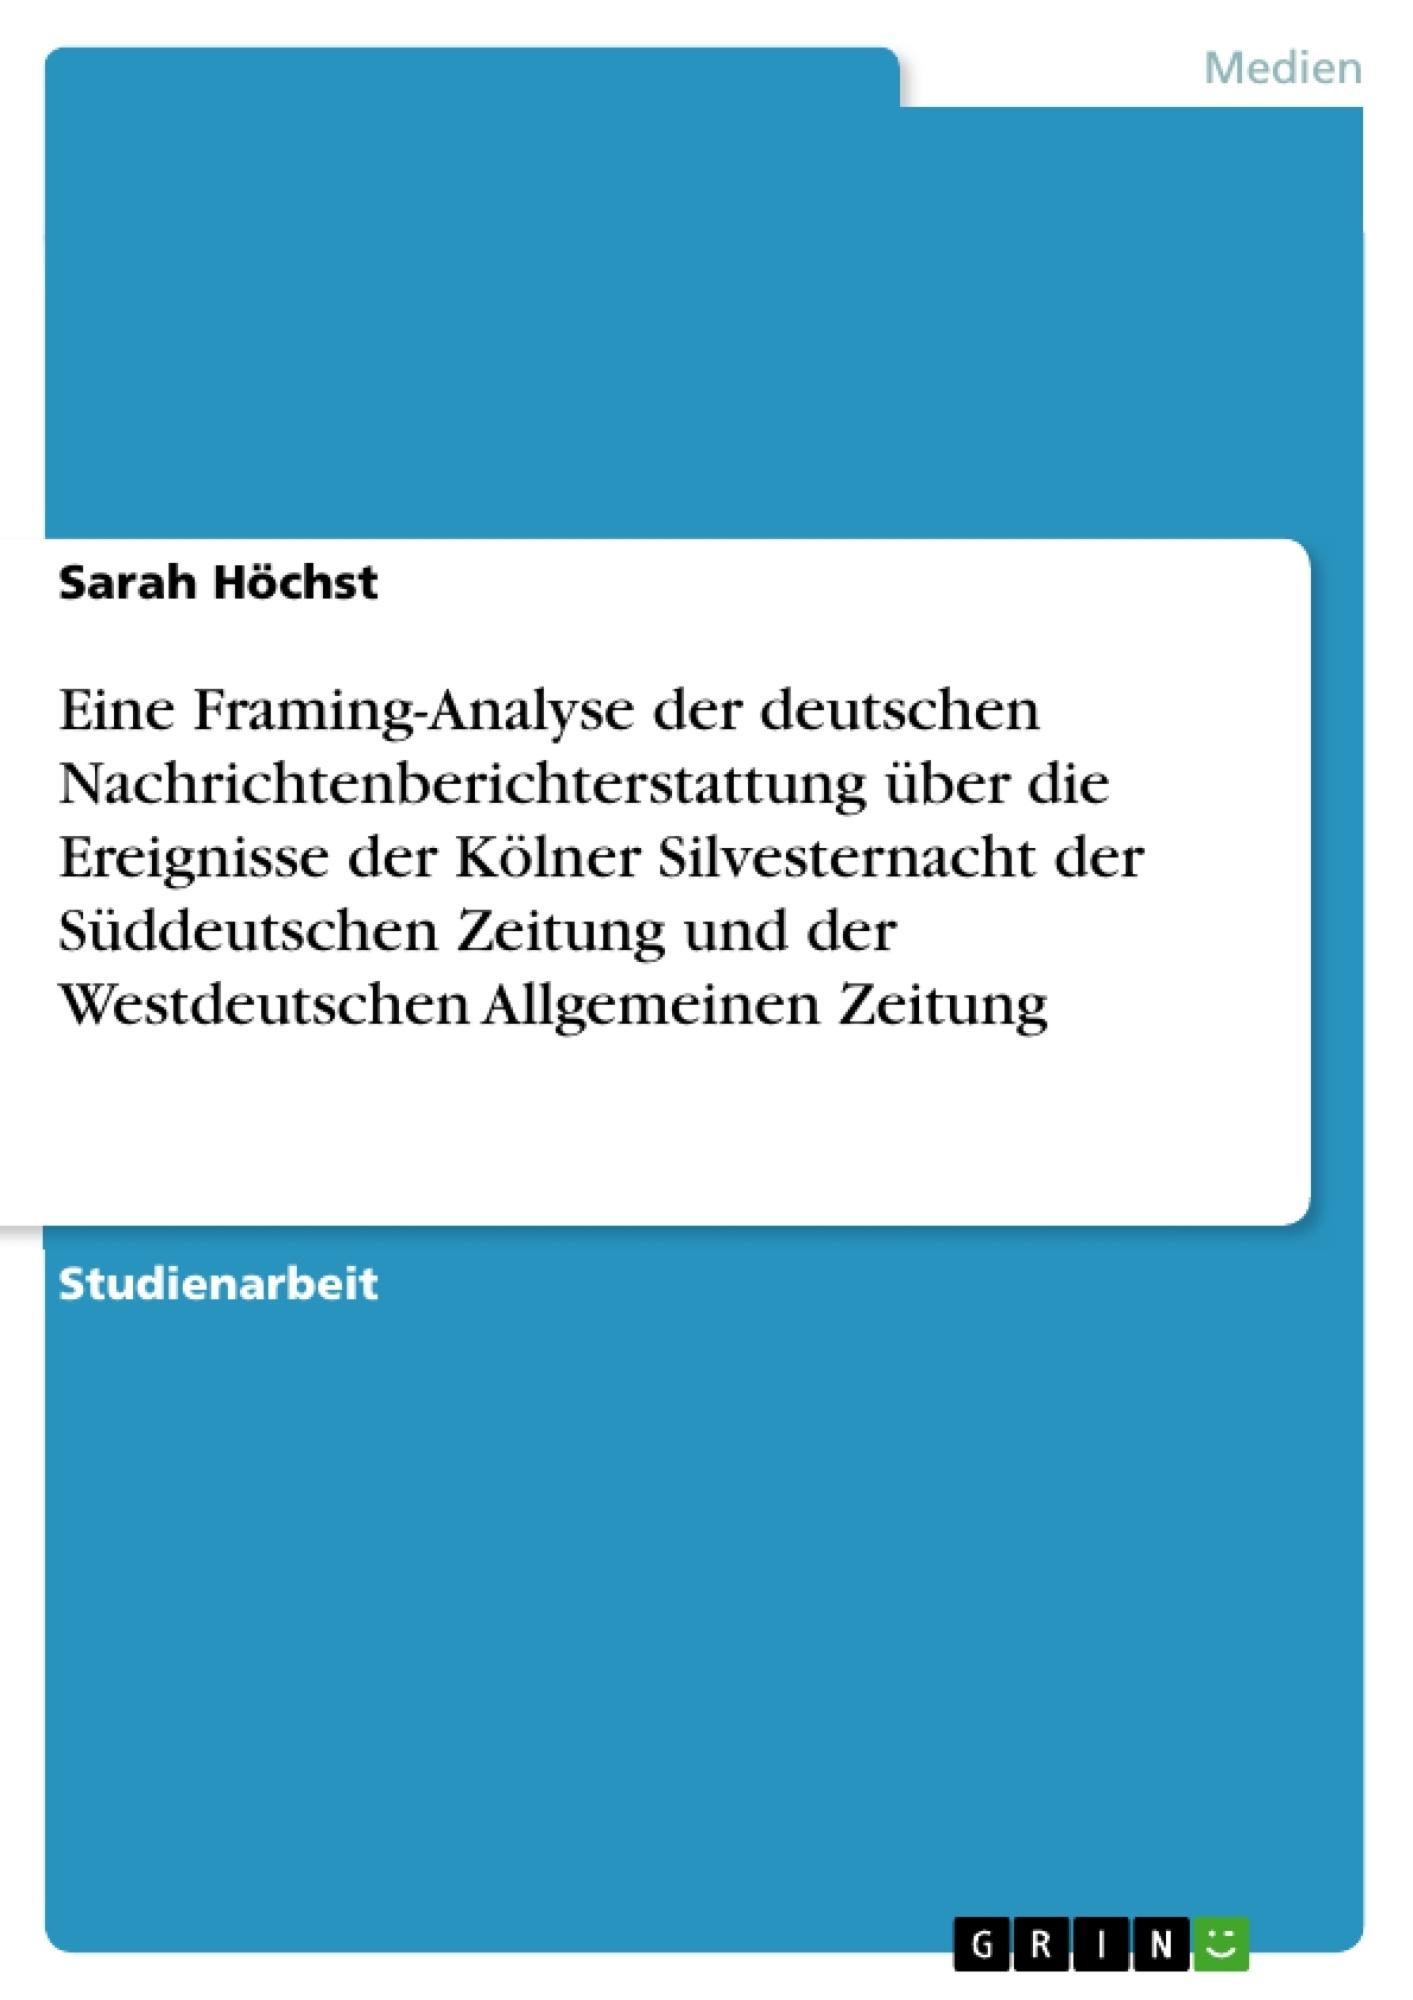 Eine Framing-Analyse der deutschen Nachrichtenberichterstattung ...